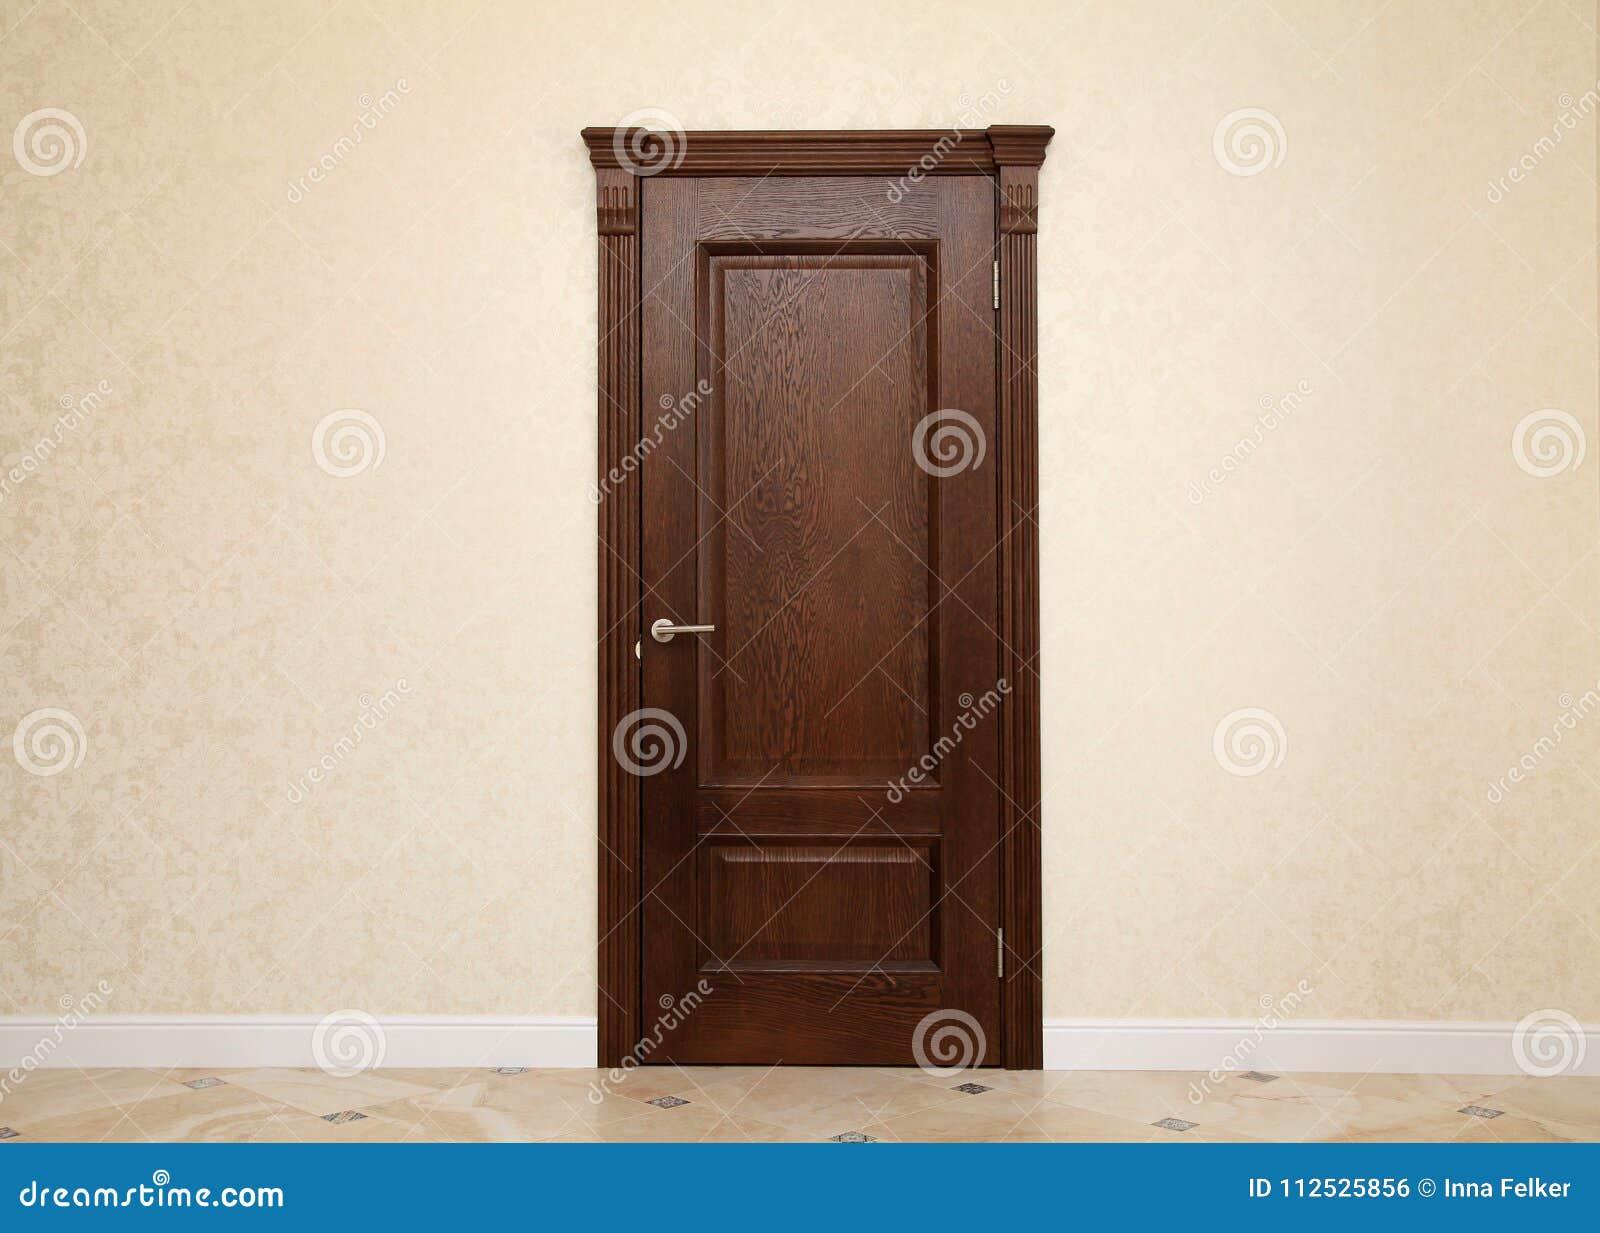 Beige room interior with brown wooden door